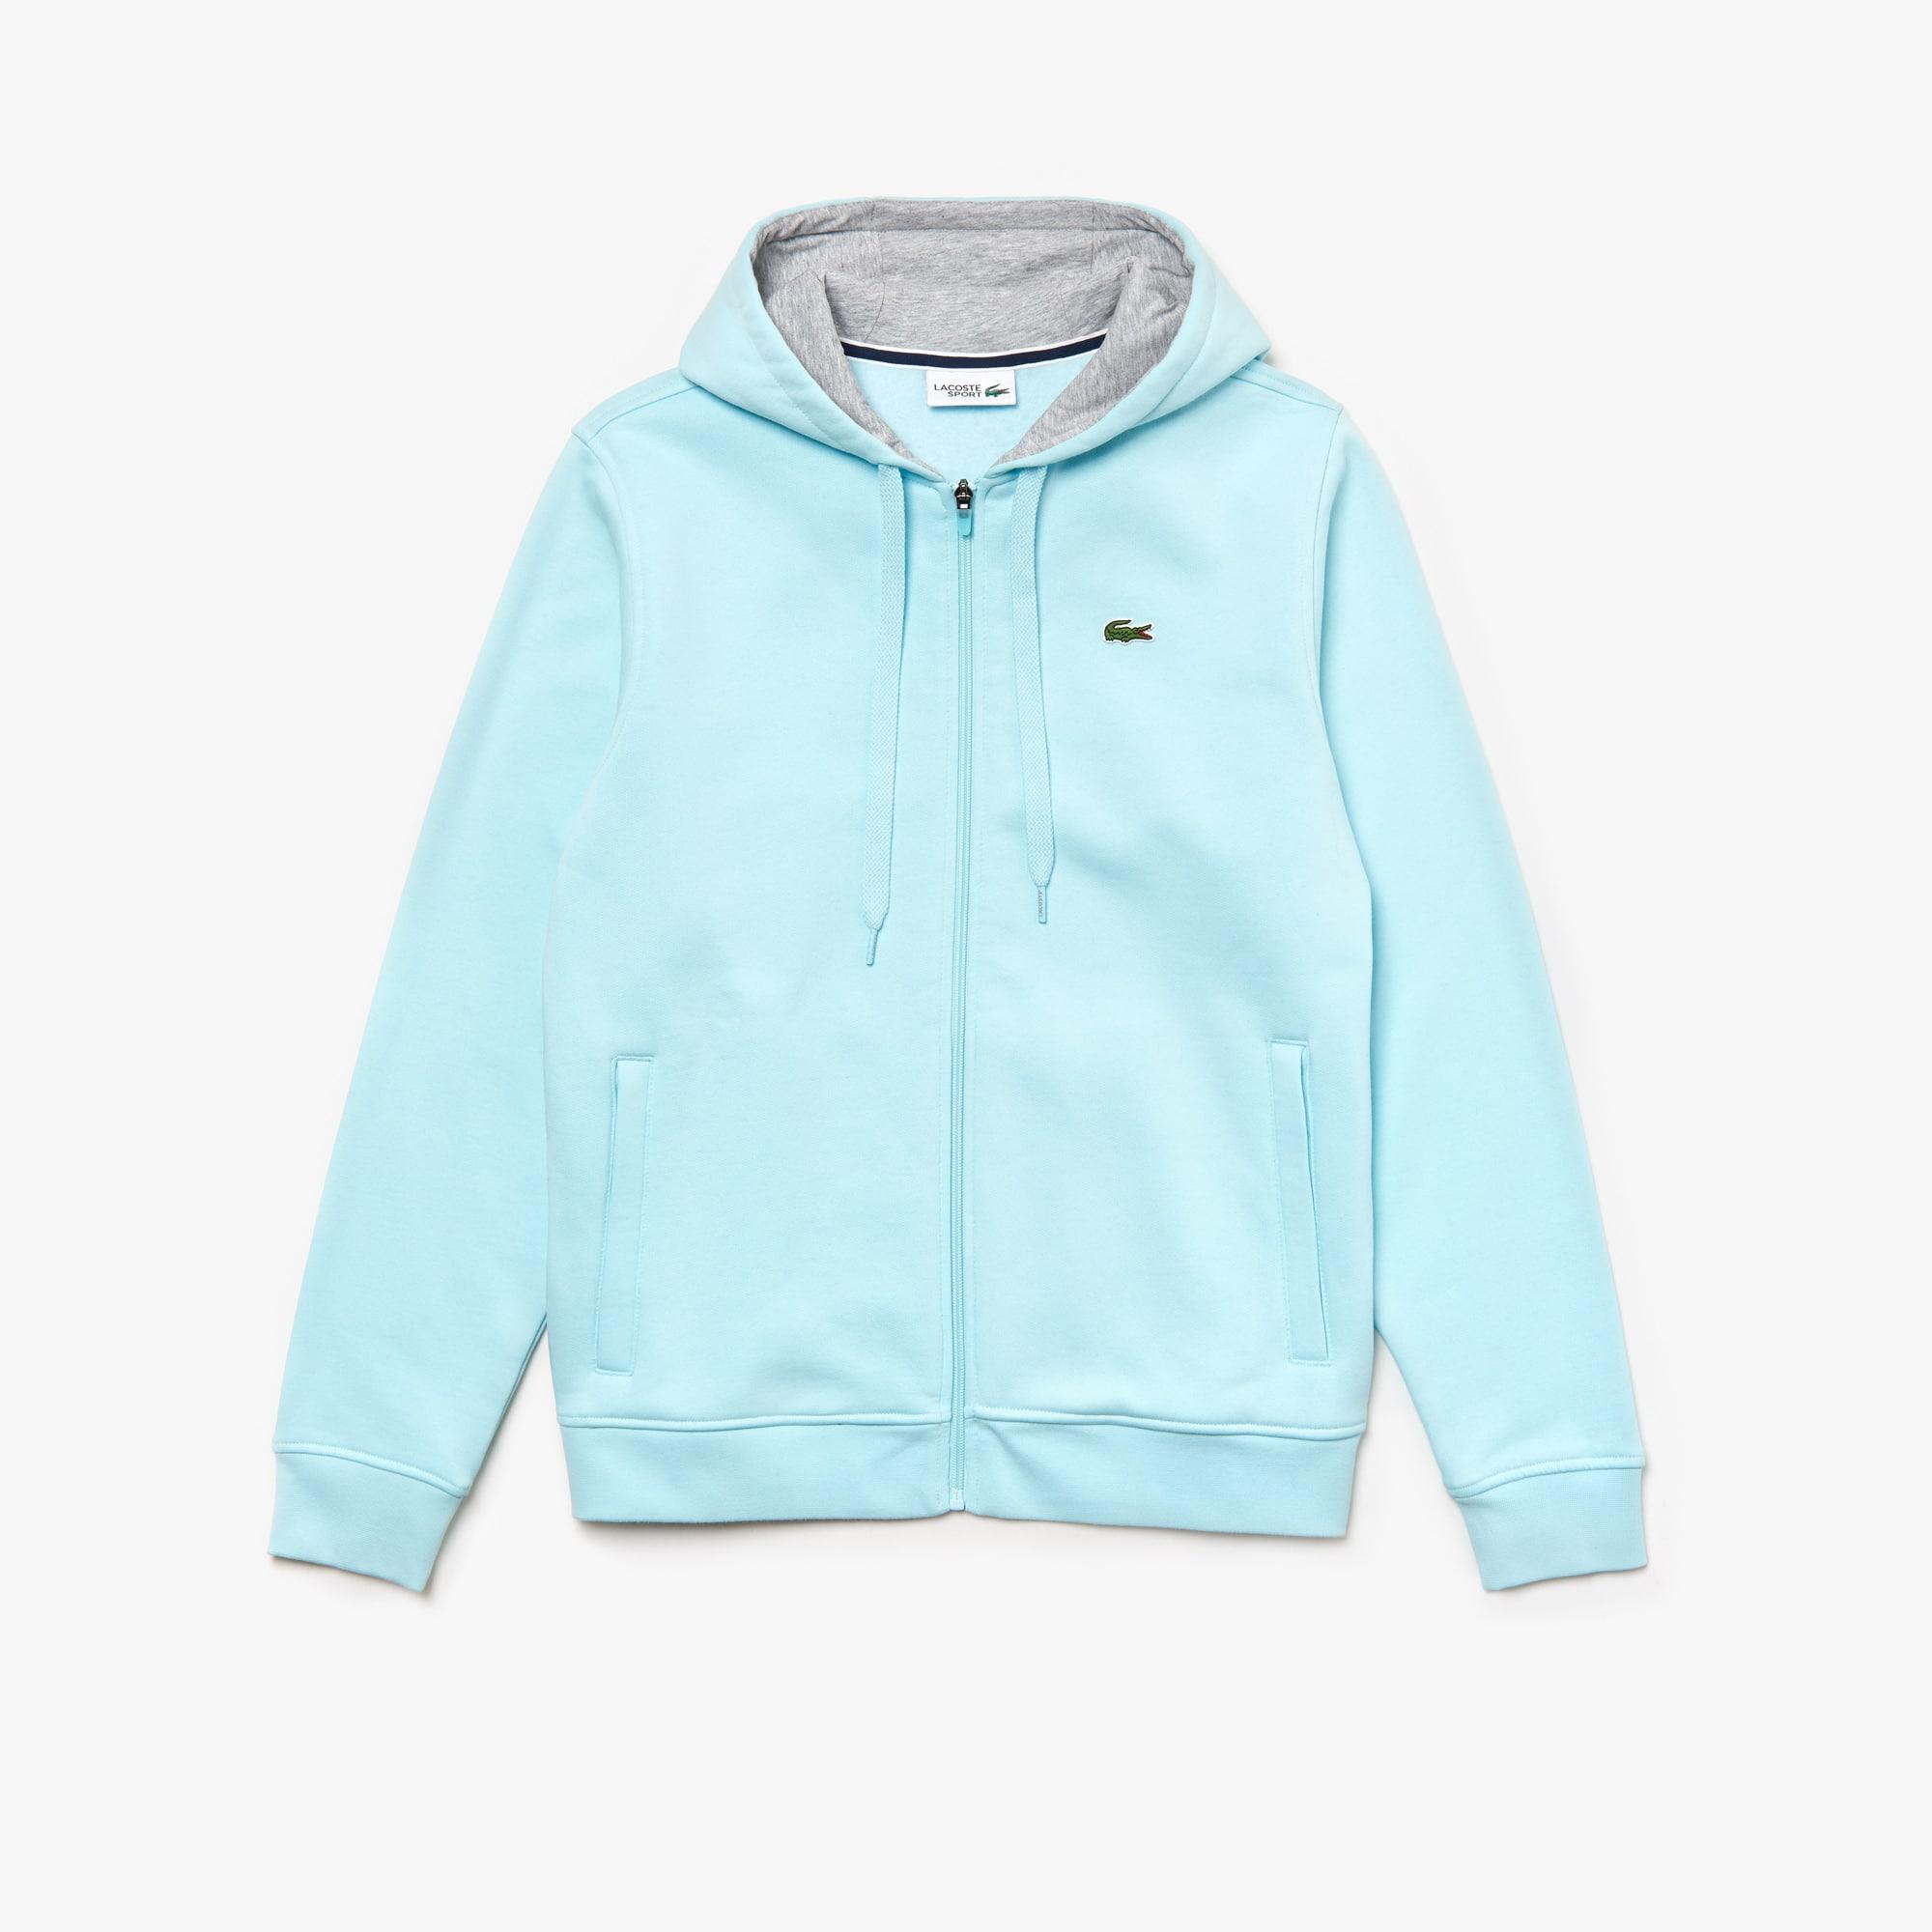 라코스테 Lacoste Mens SPORT Tennis Fleece Zip Up,light blue / grey chine